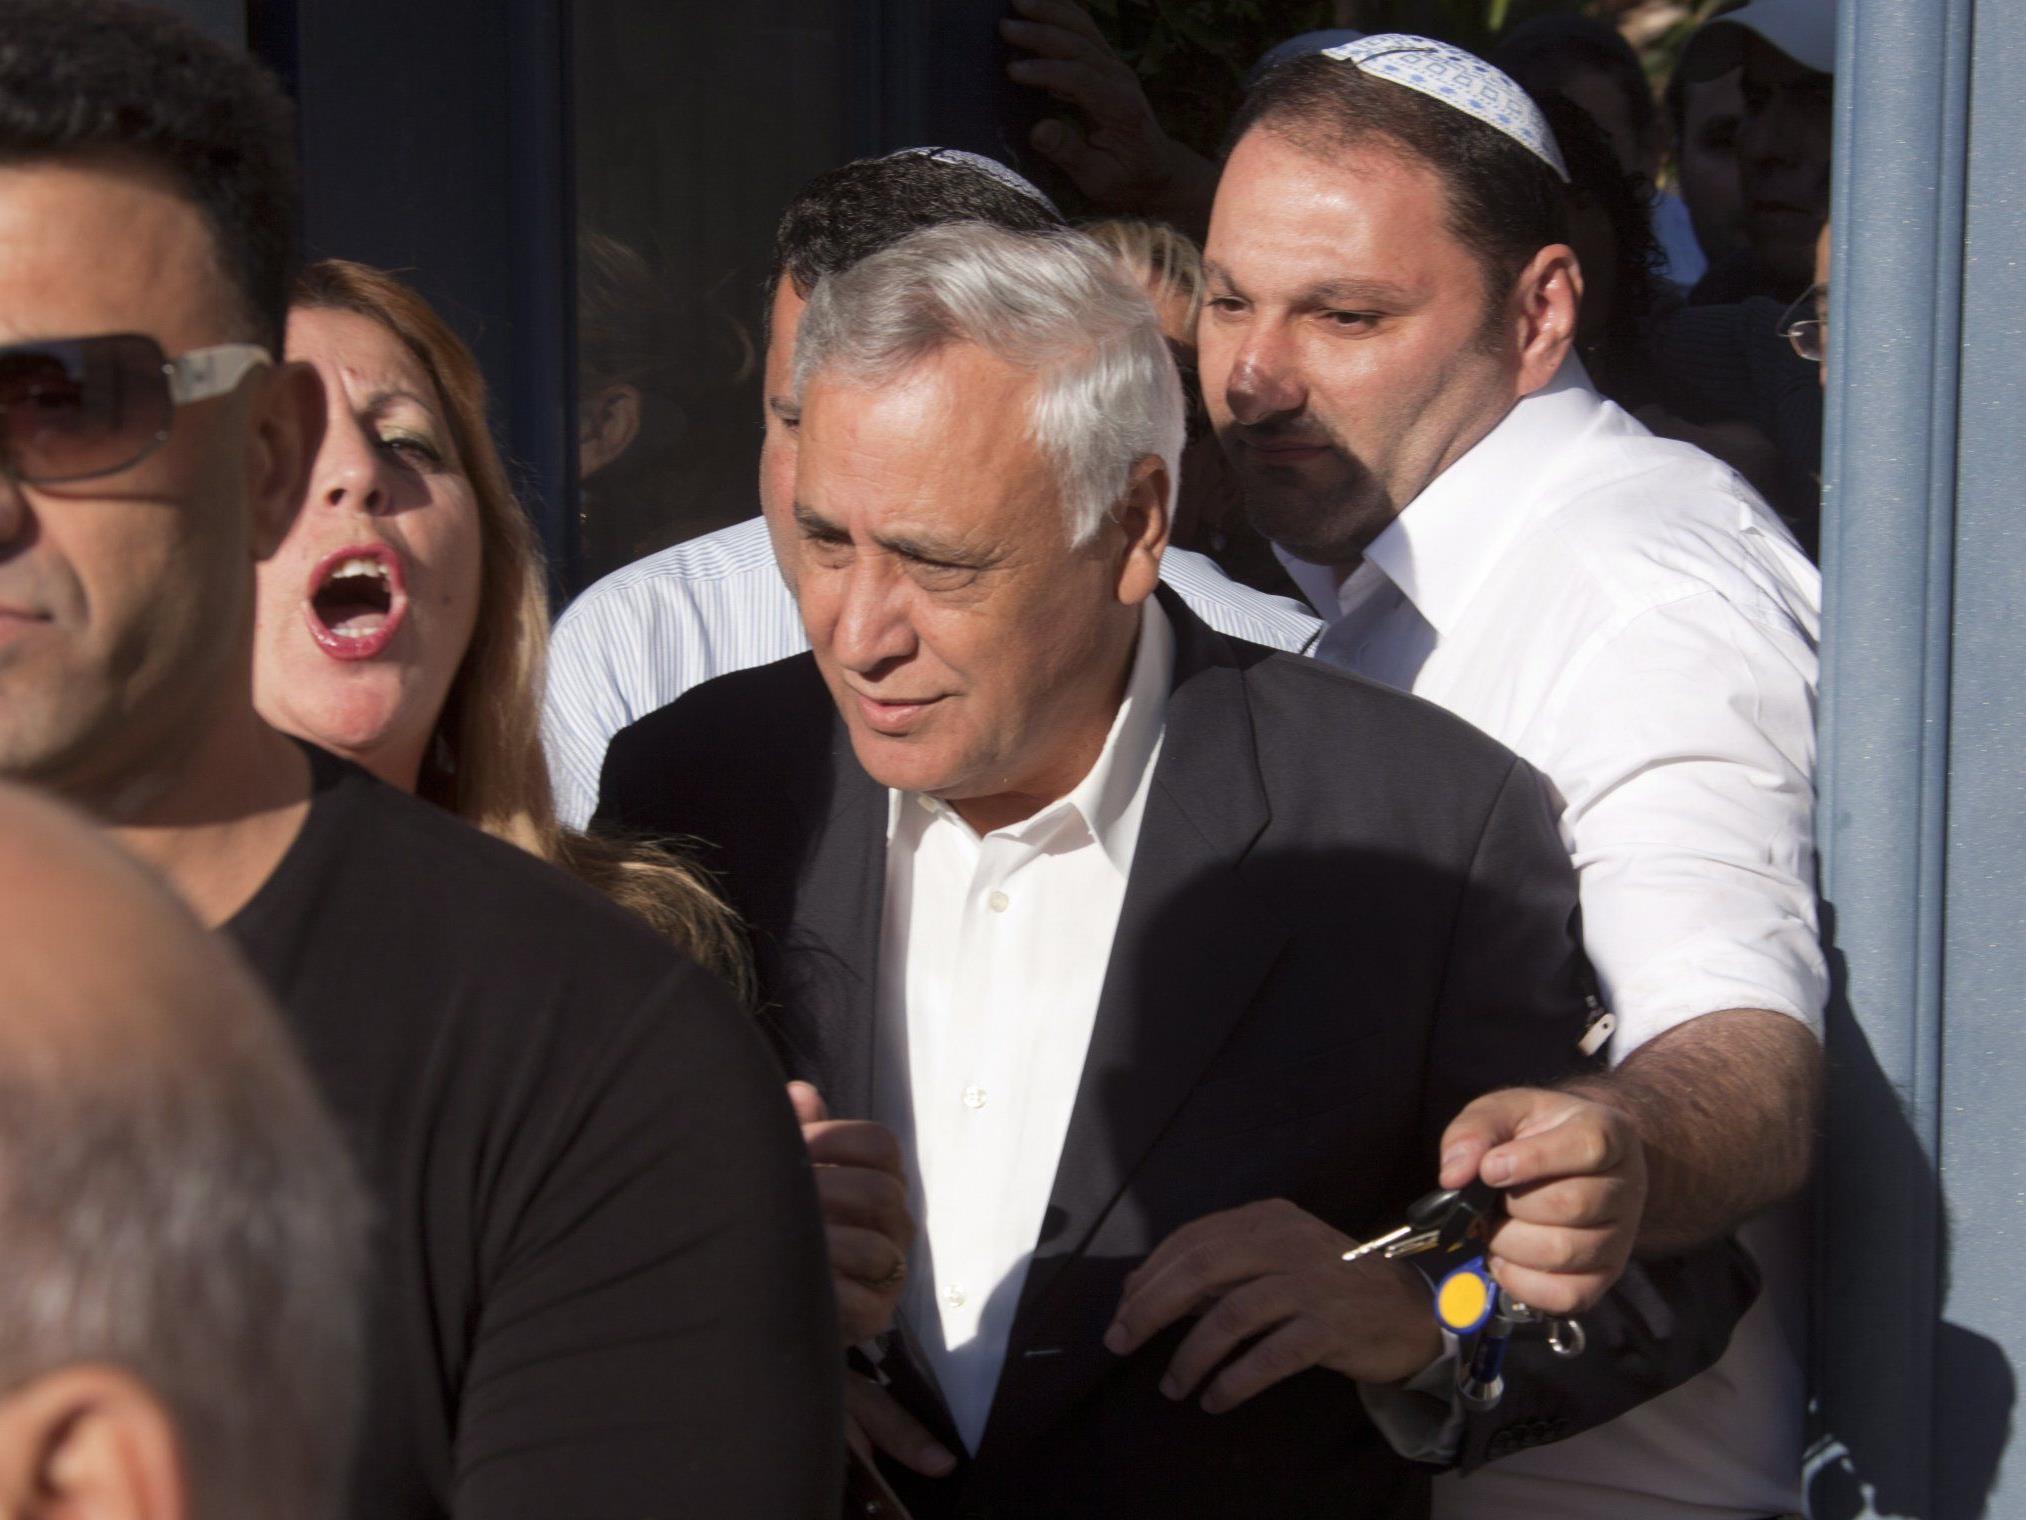 Das israelische Fernsehen zeigte Katzav am Morgen beim Verlassen seines Hauses.